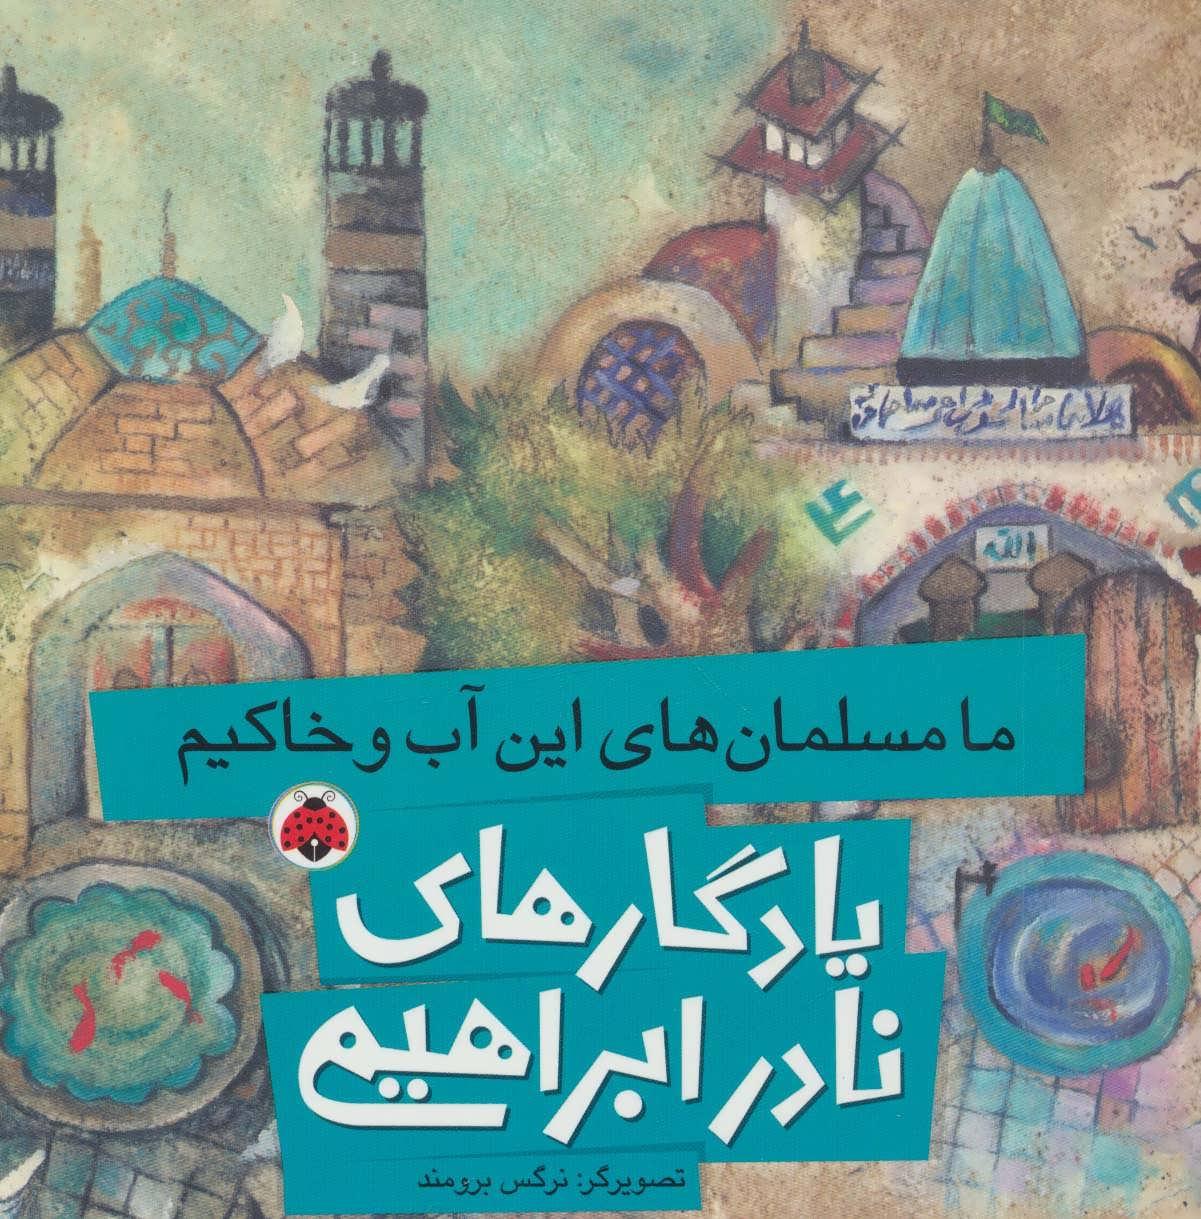 کتاب ما مسلمانهای این آب و خاکیم